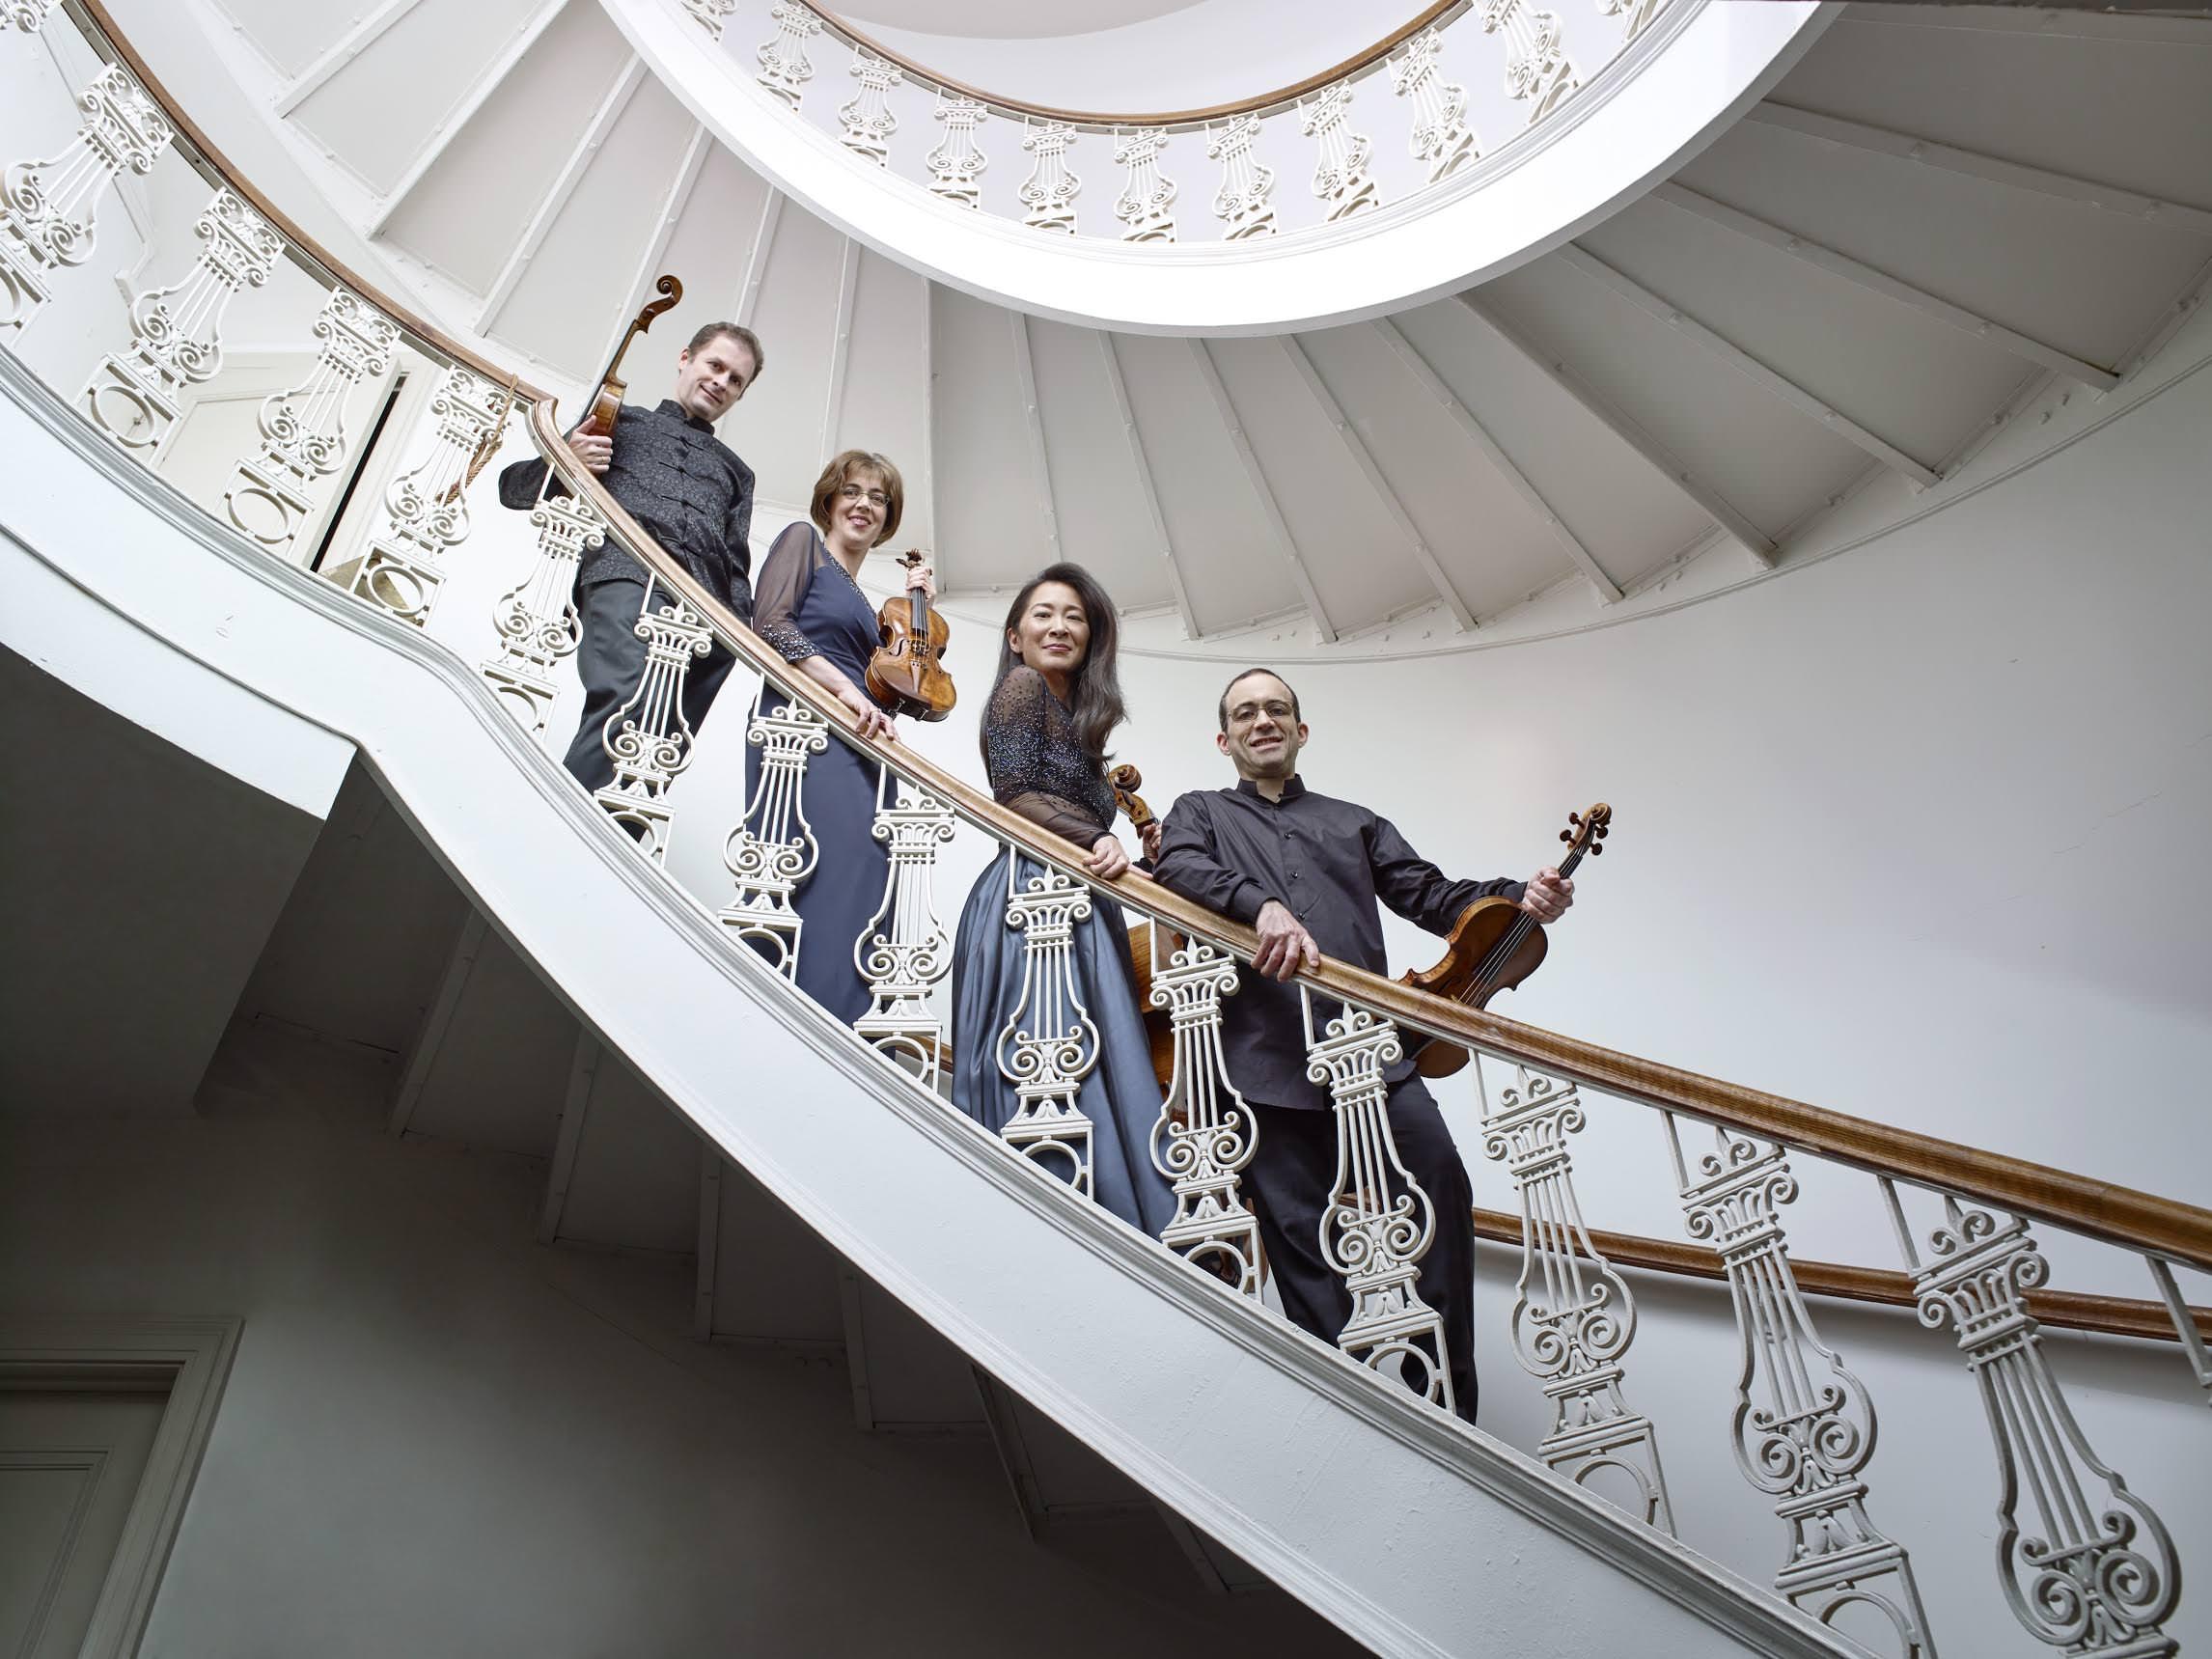 Brentano String Quartet, photo by Juergen Frank